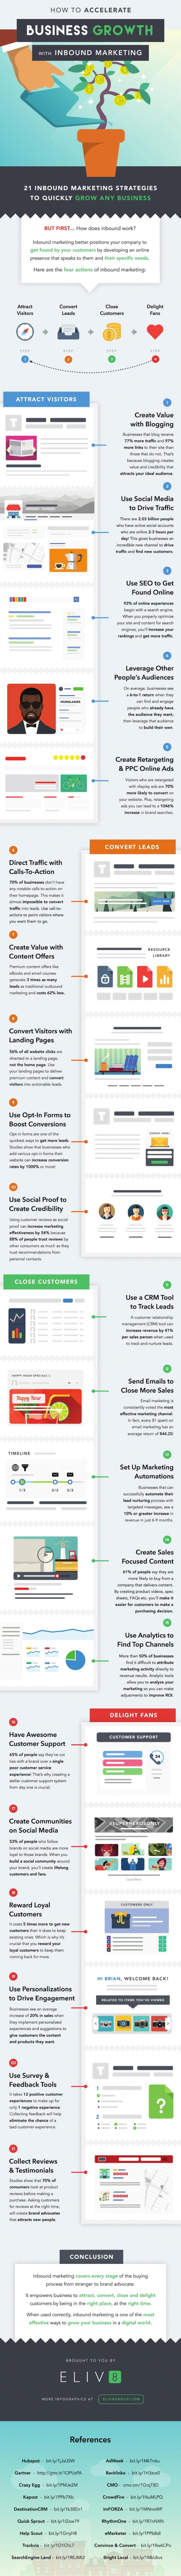 Cómo crecer tu empresa con Inbound Marketing